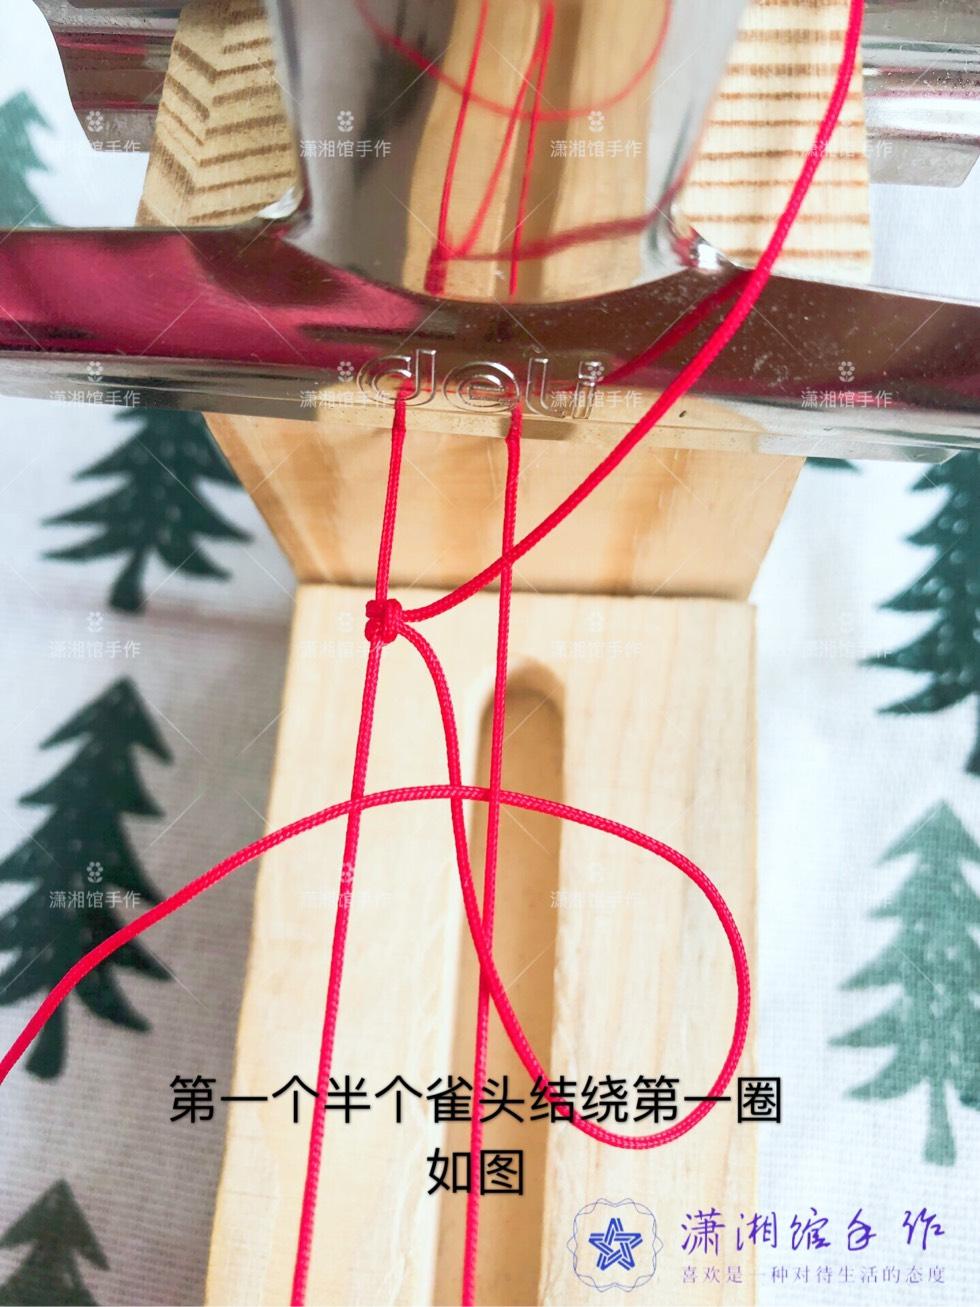 中国结论坛 硬币挂件天使翅膀钥匙扣教程  图文教程区 170033f4r4e4vlad554rtx